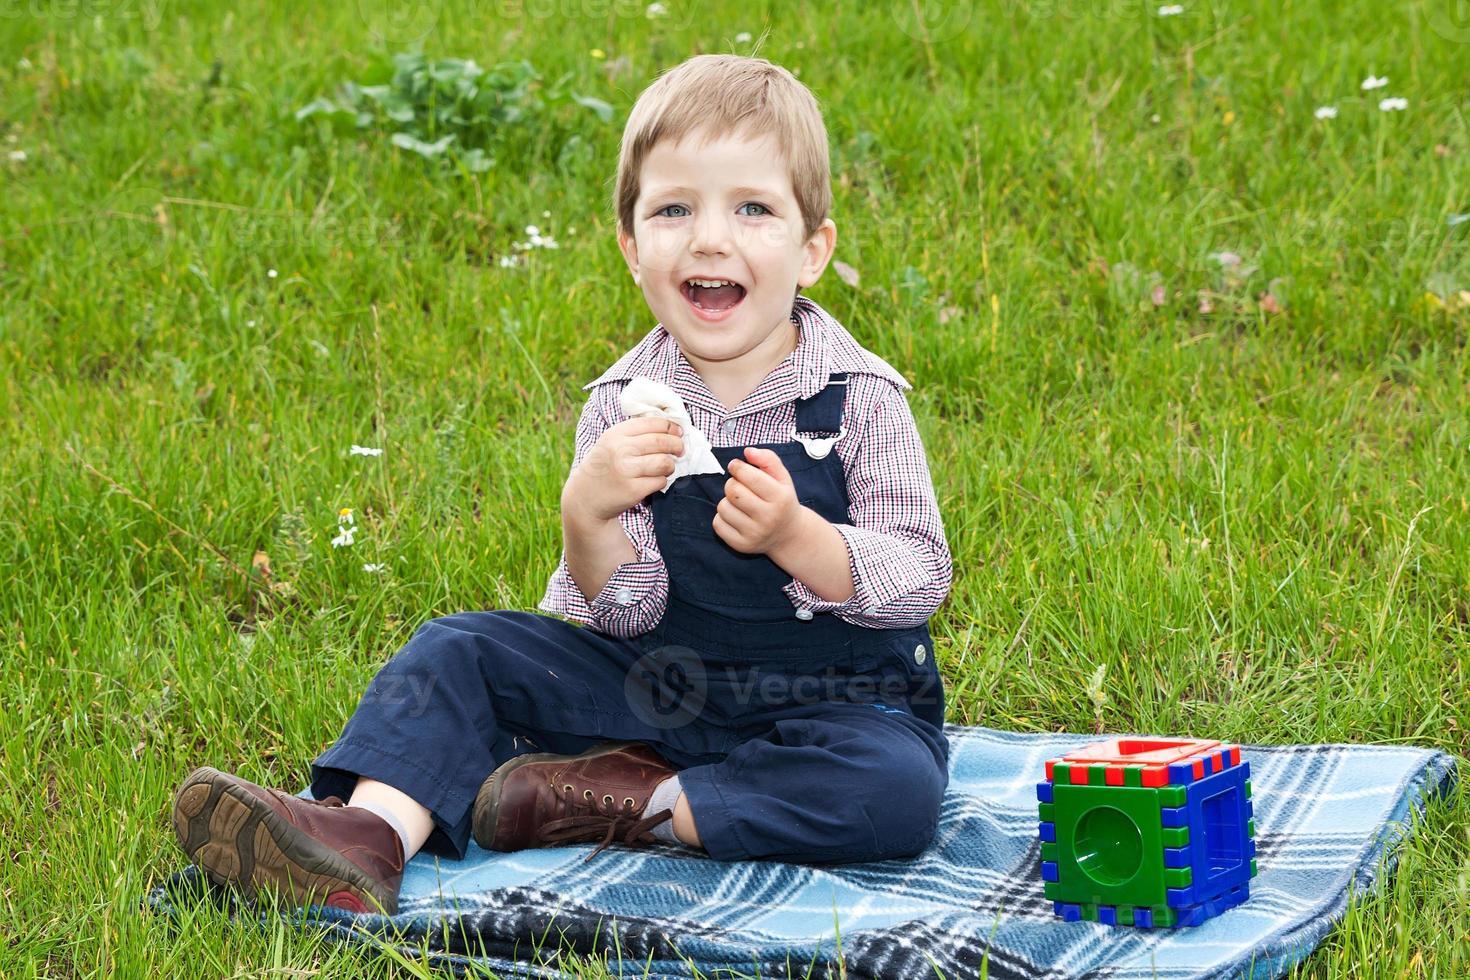 menino brincando no gramado foto